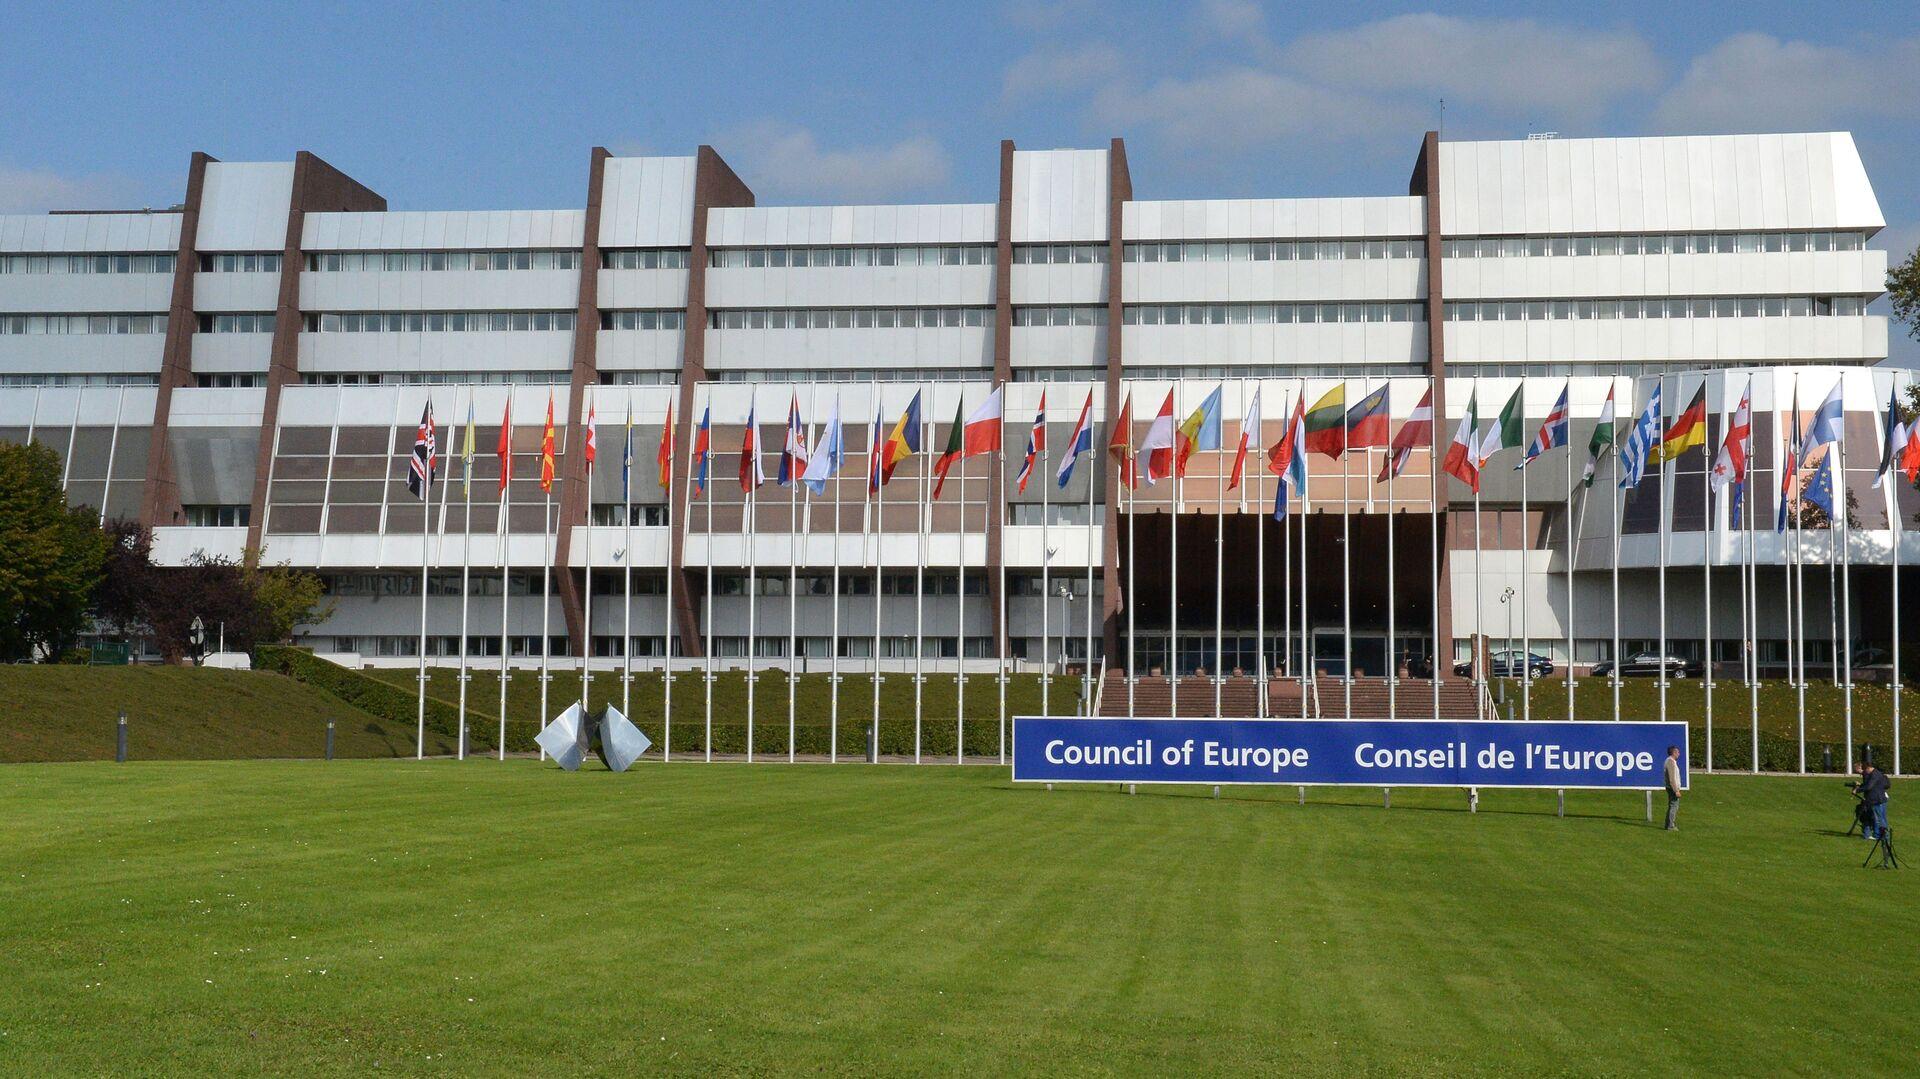 Здание Совета Европы в Страсбурге, архивное фото - Sputnik Latvija, 1920, 30.09.2021